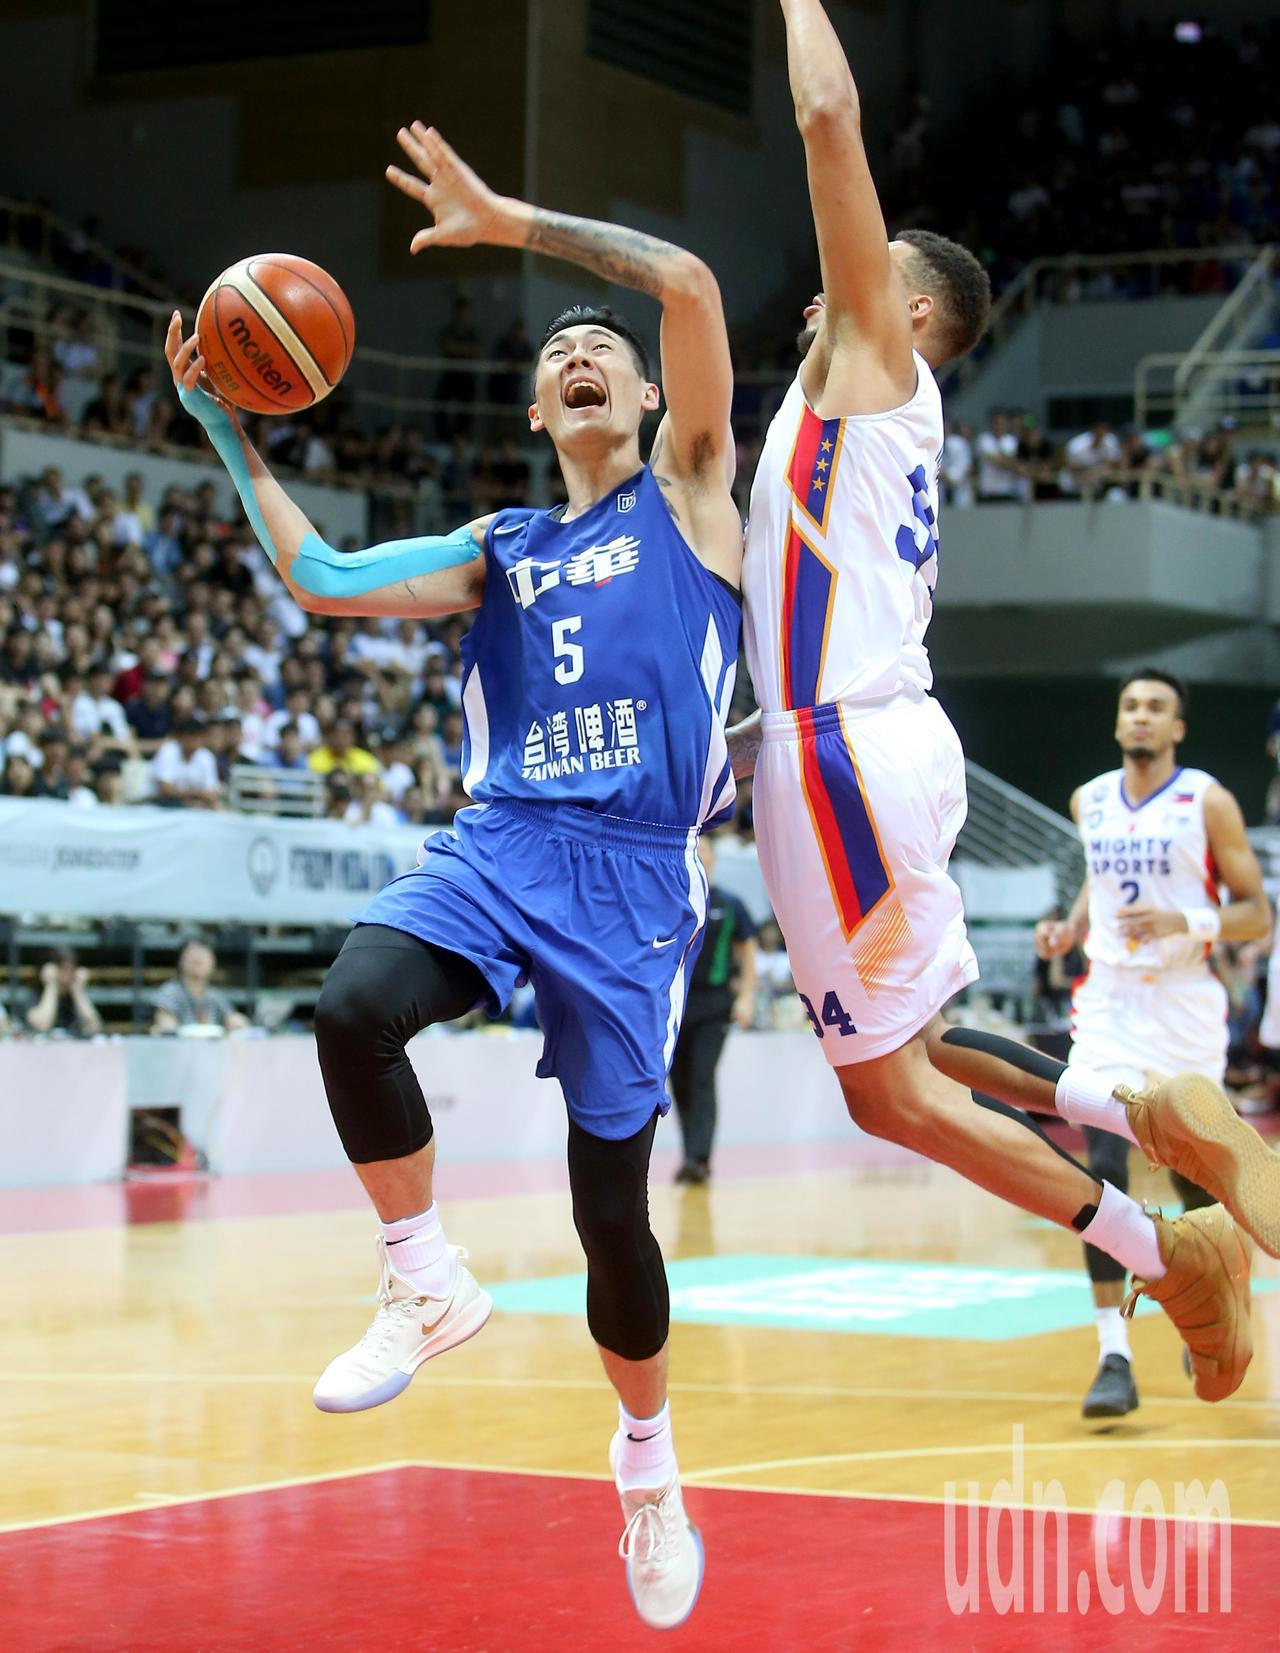 中華藍劉錚(左)快攻上籃時製造菲律賓隊球員犯規。記者余承翰/攝影